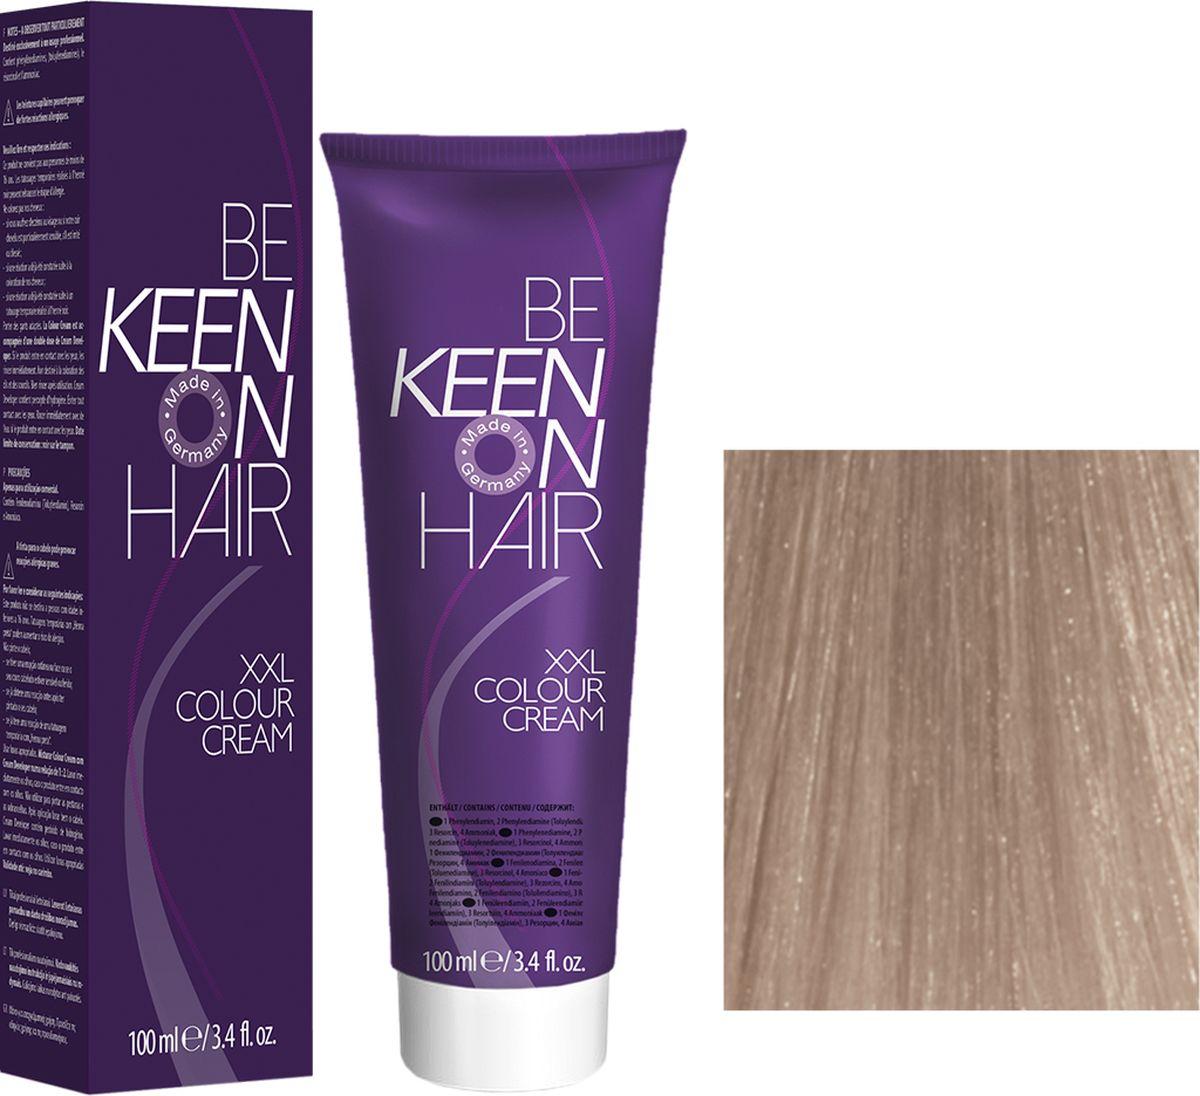 Keen Краска для волос 12.60 Платиново-фиолетовый блондин Platinblond Violett, 100 мл69100107Модные оттенкиБолее 100 оттенков для креативной комбинации цветов.ЭкономичностьПри использовании тюбика 100 мл вы получаете оптимальное соотношение цены и качества!УходМолочный белок поддерживает структуру волоса во время окрашивания и придает волосам блеск и шелковистость. Протеины хорошо встраиваются в волосы и снабжают их влагой.